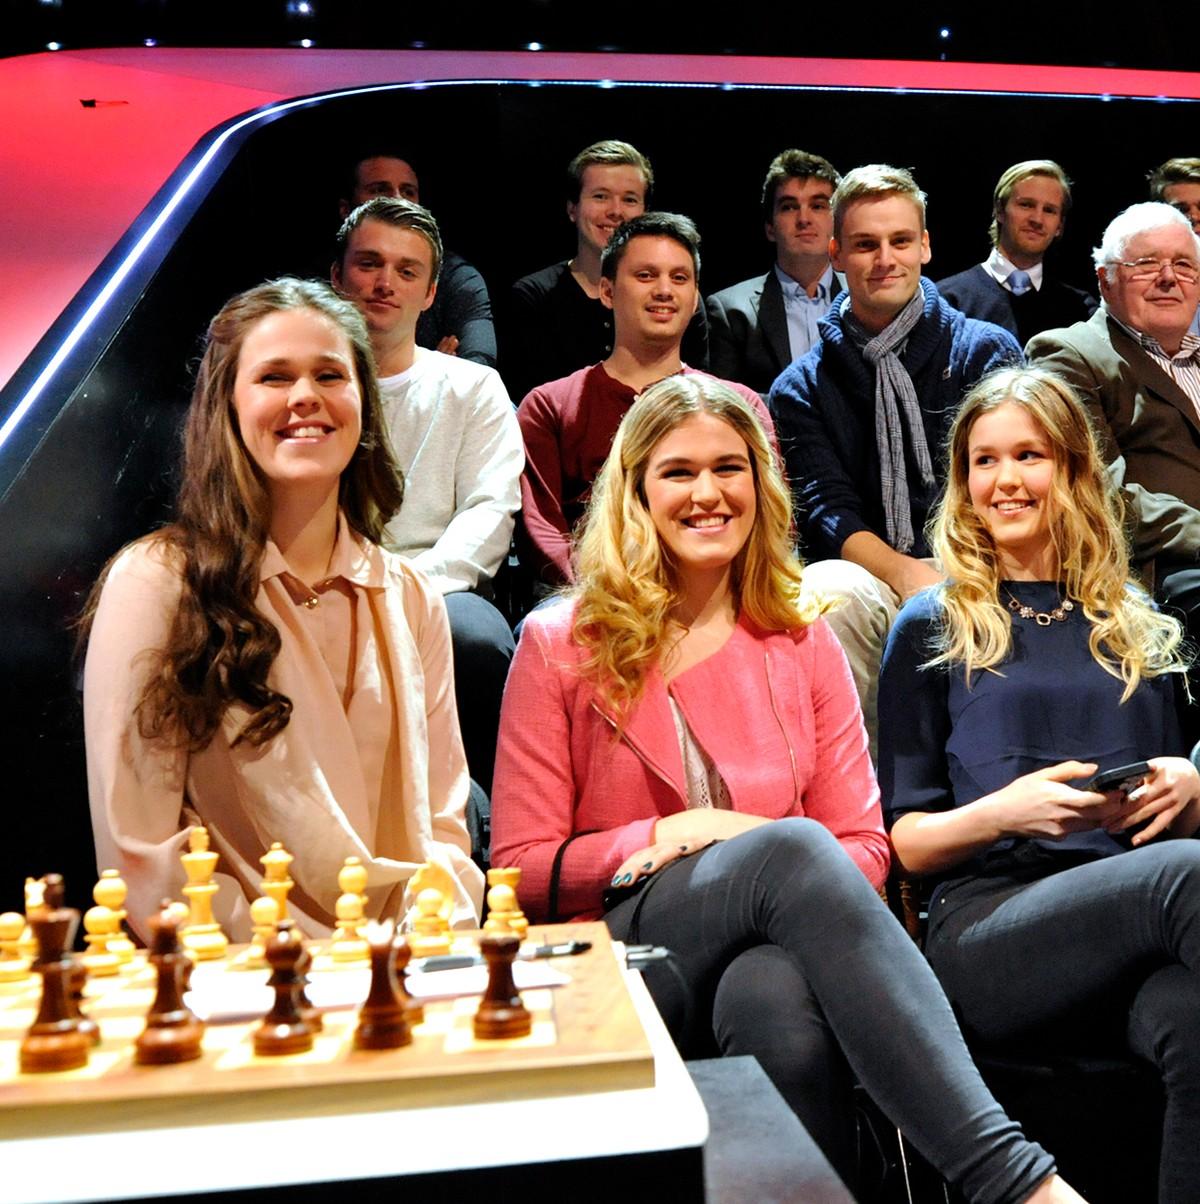 Ellen Carlsen Frykter Brorens Konkurranseinstinkt Nrk Kultur Og Underholdning